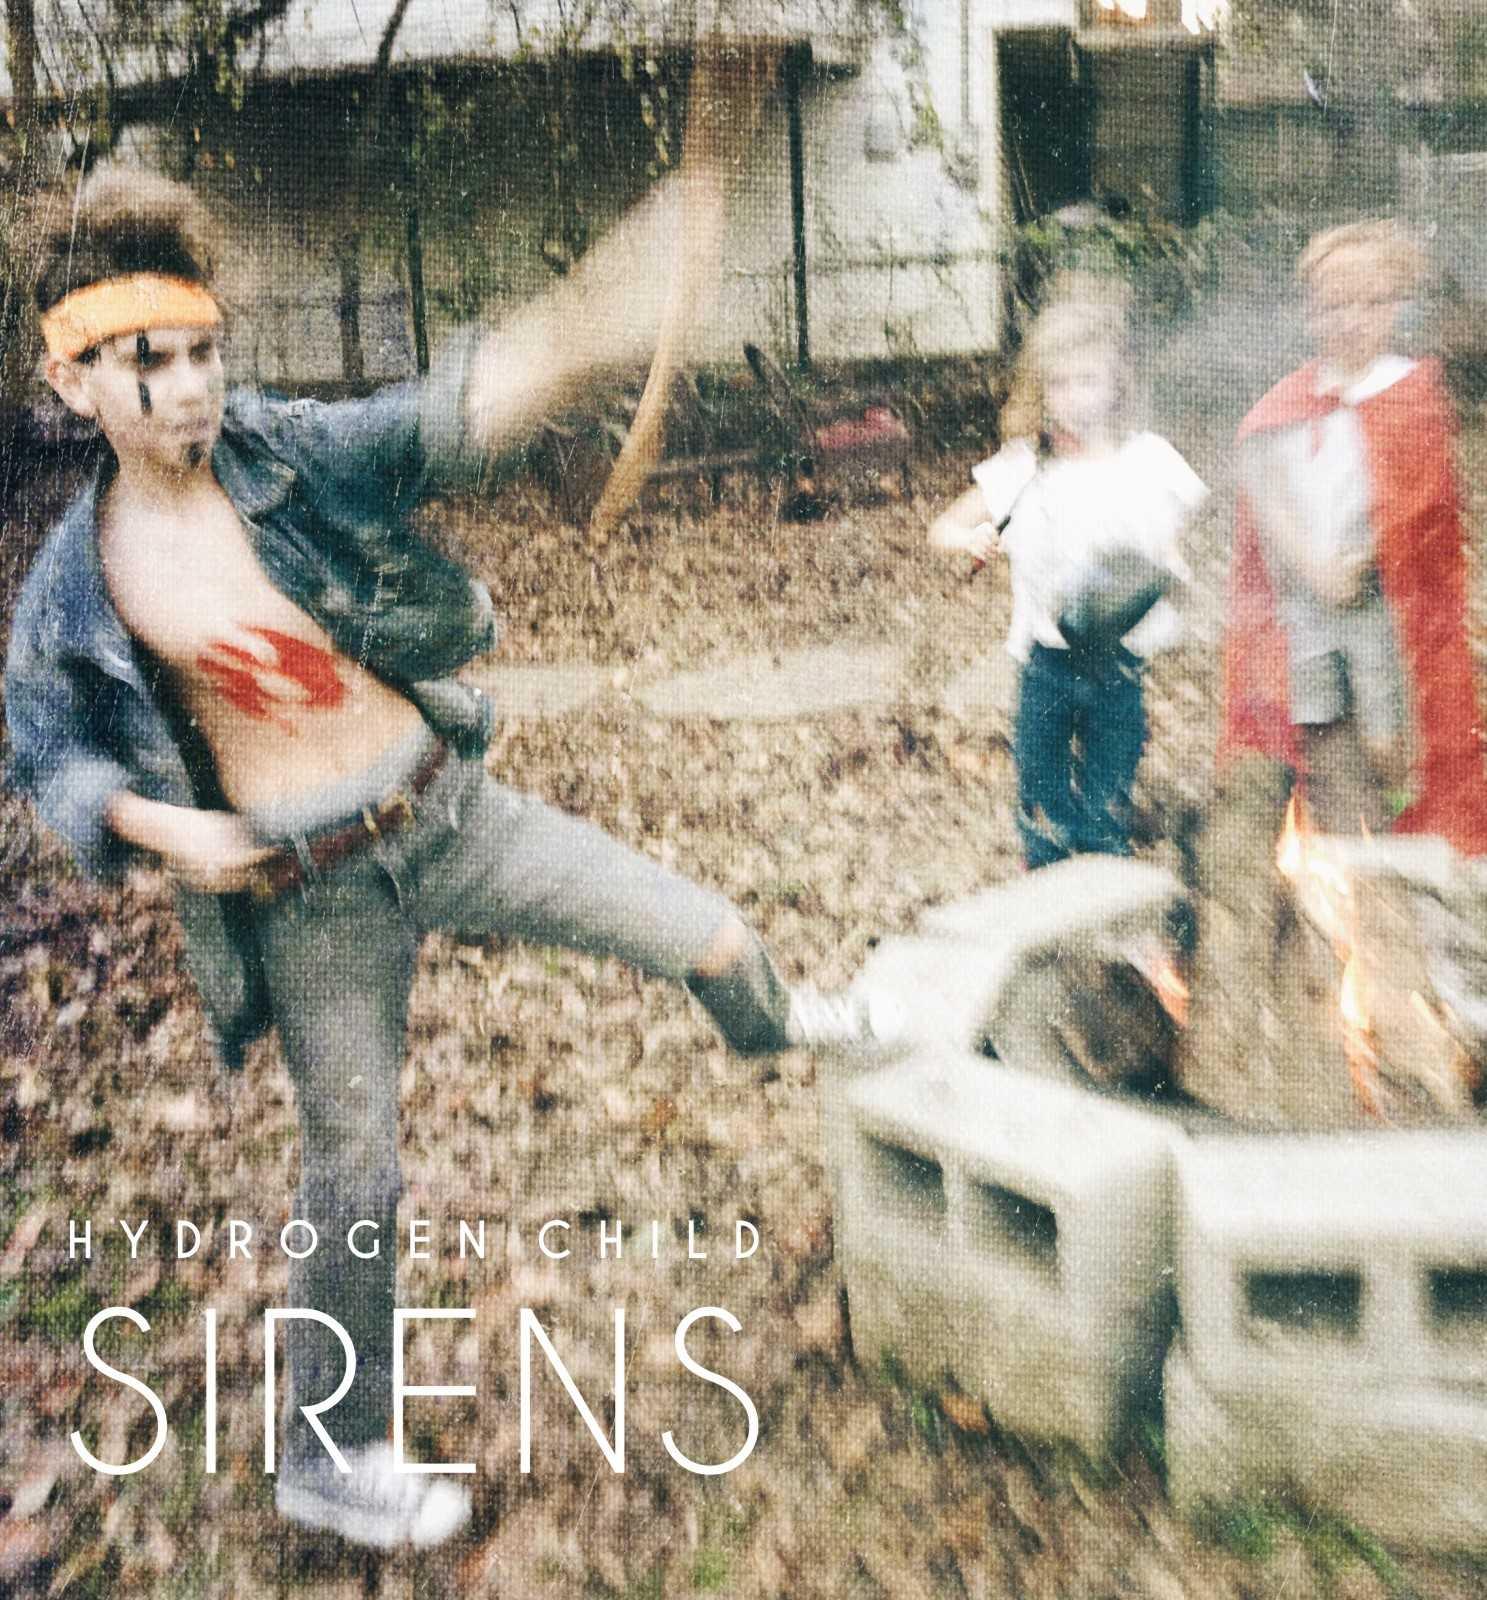 Hydrogen Child Showcase Their Versatility With Sirens EP | Hydrogen Child